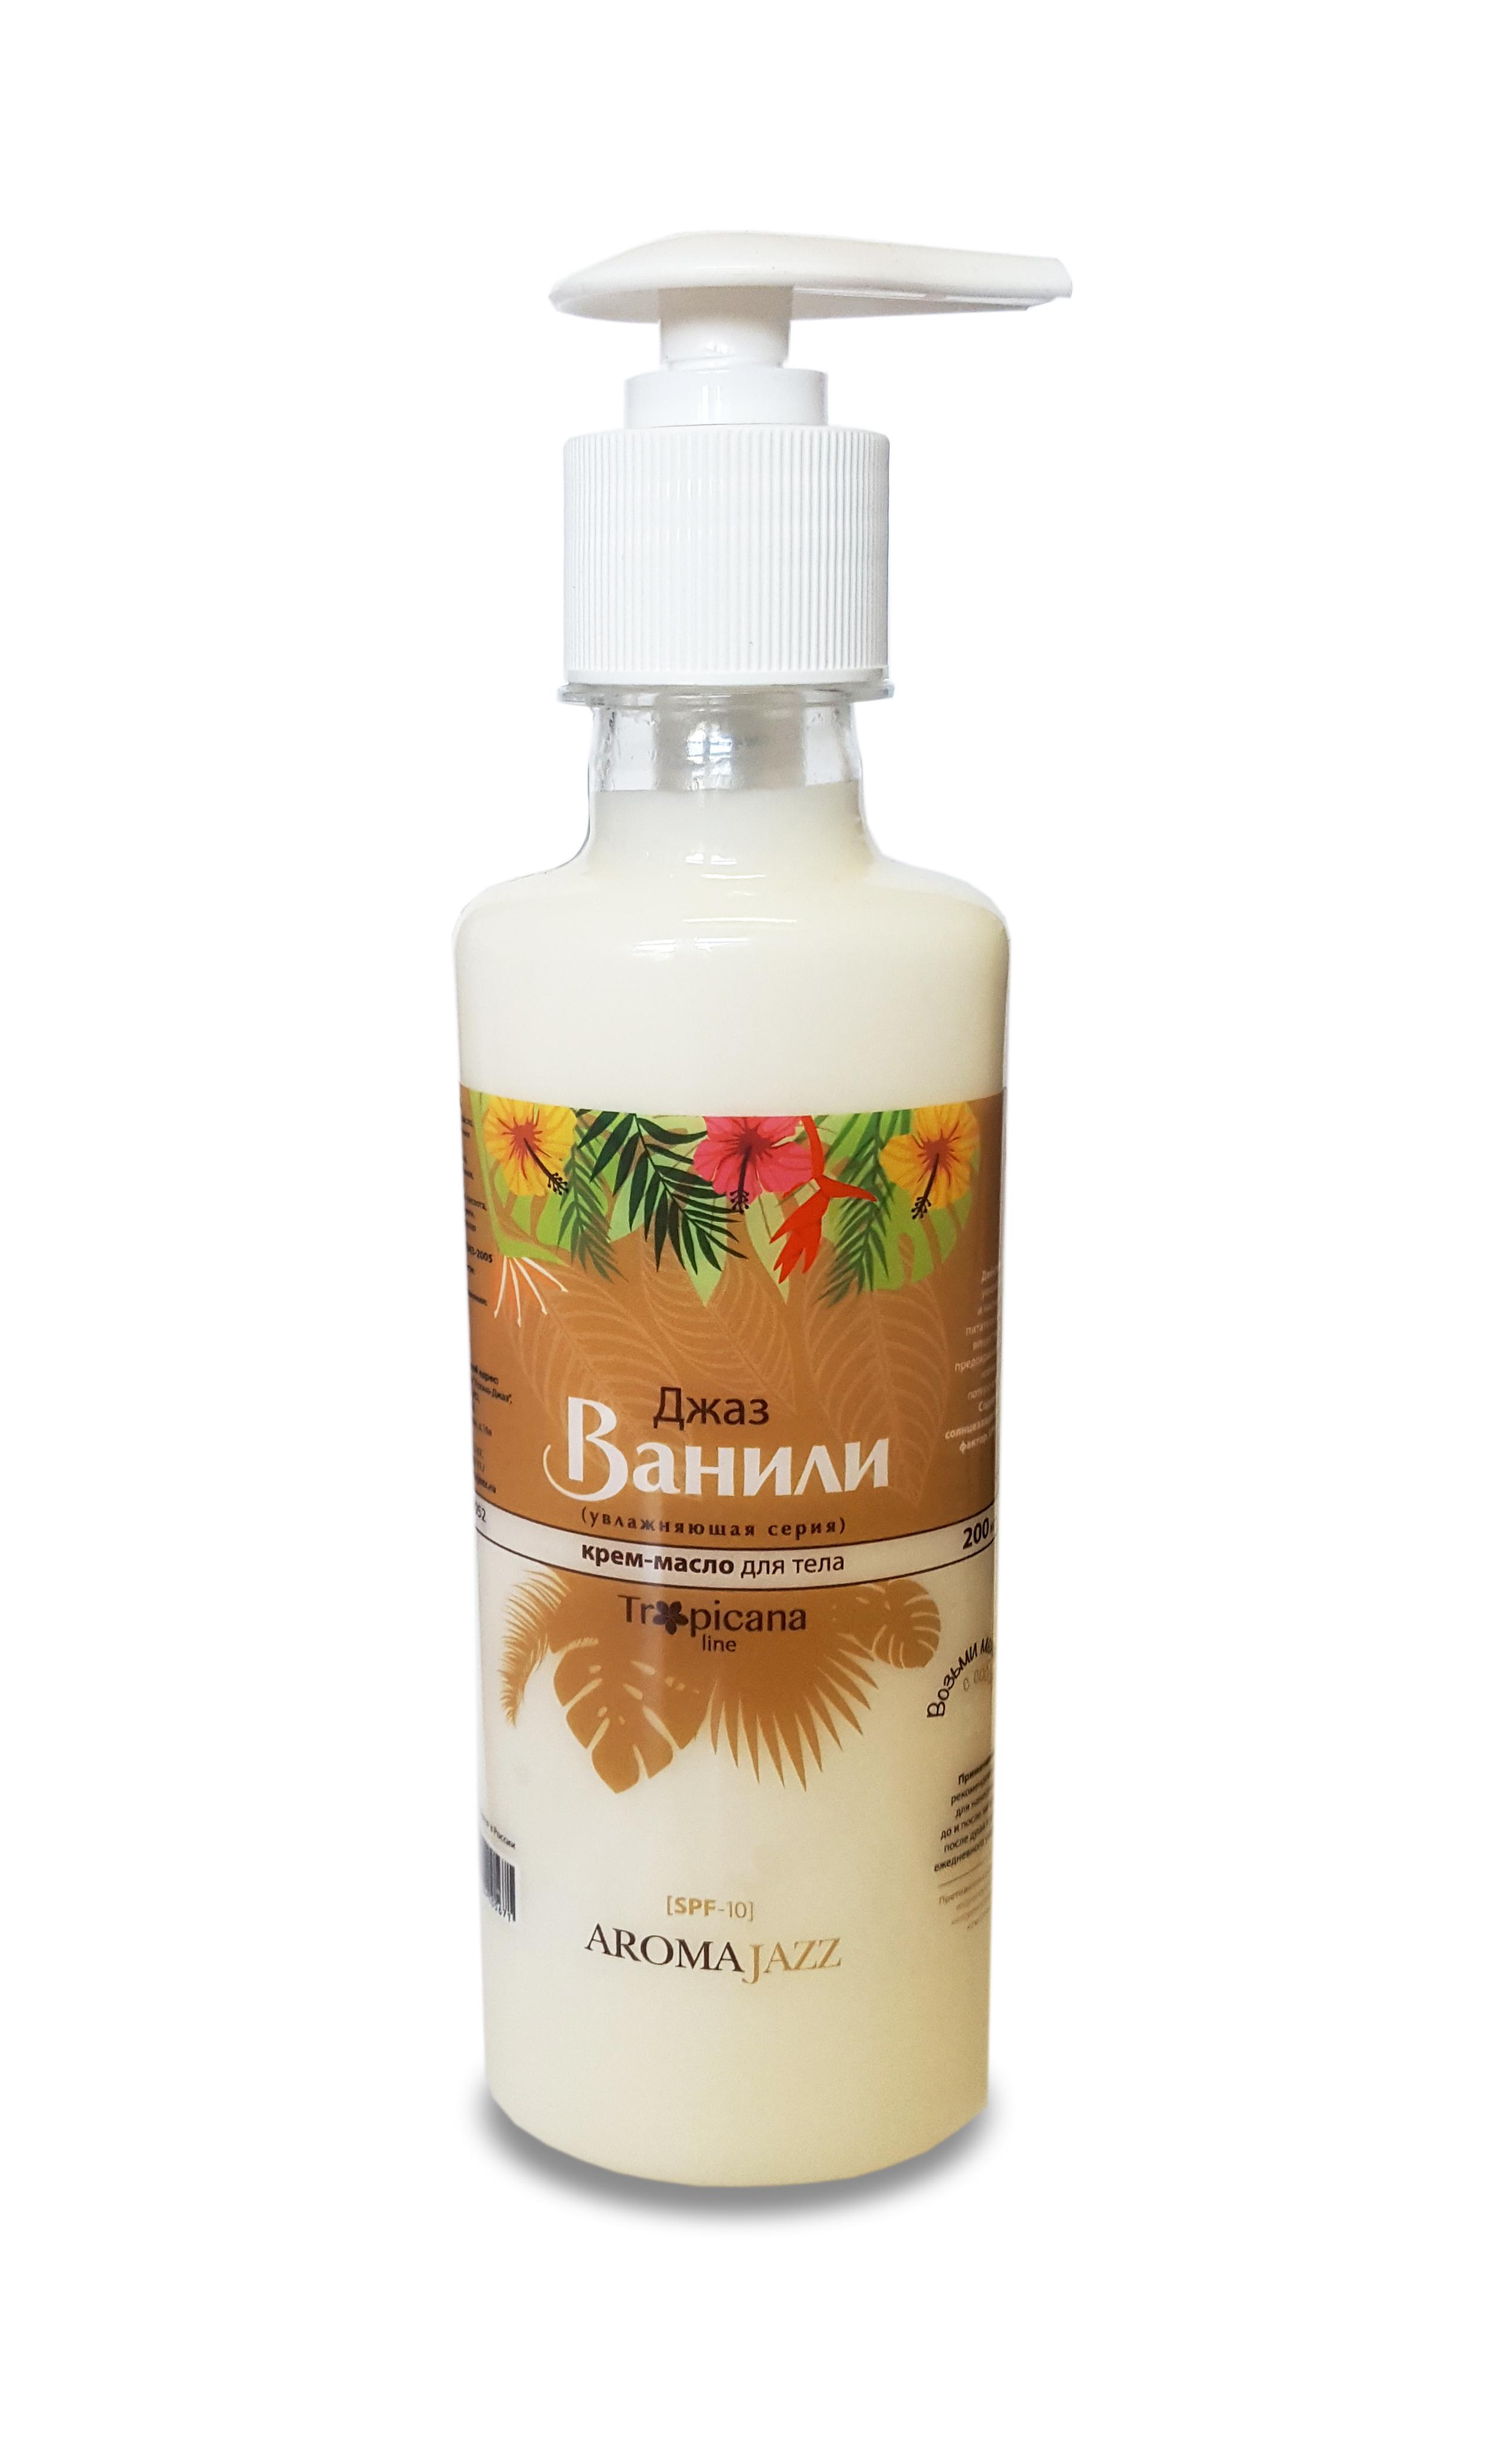 AROMA JAZZ Крем-масло для тела Джаз Ванили 350 мл aroma jazz масло массажное жидкое для тела морской блюз 350 мл